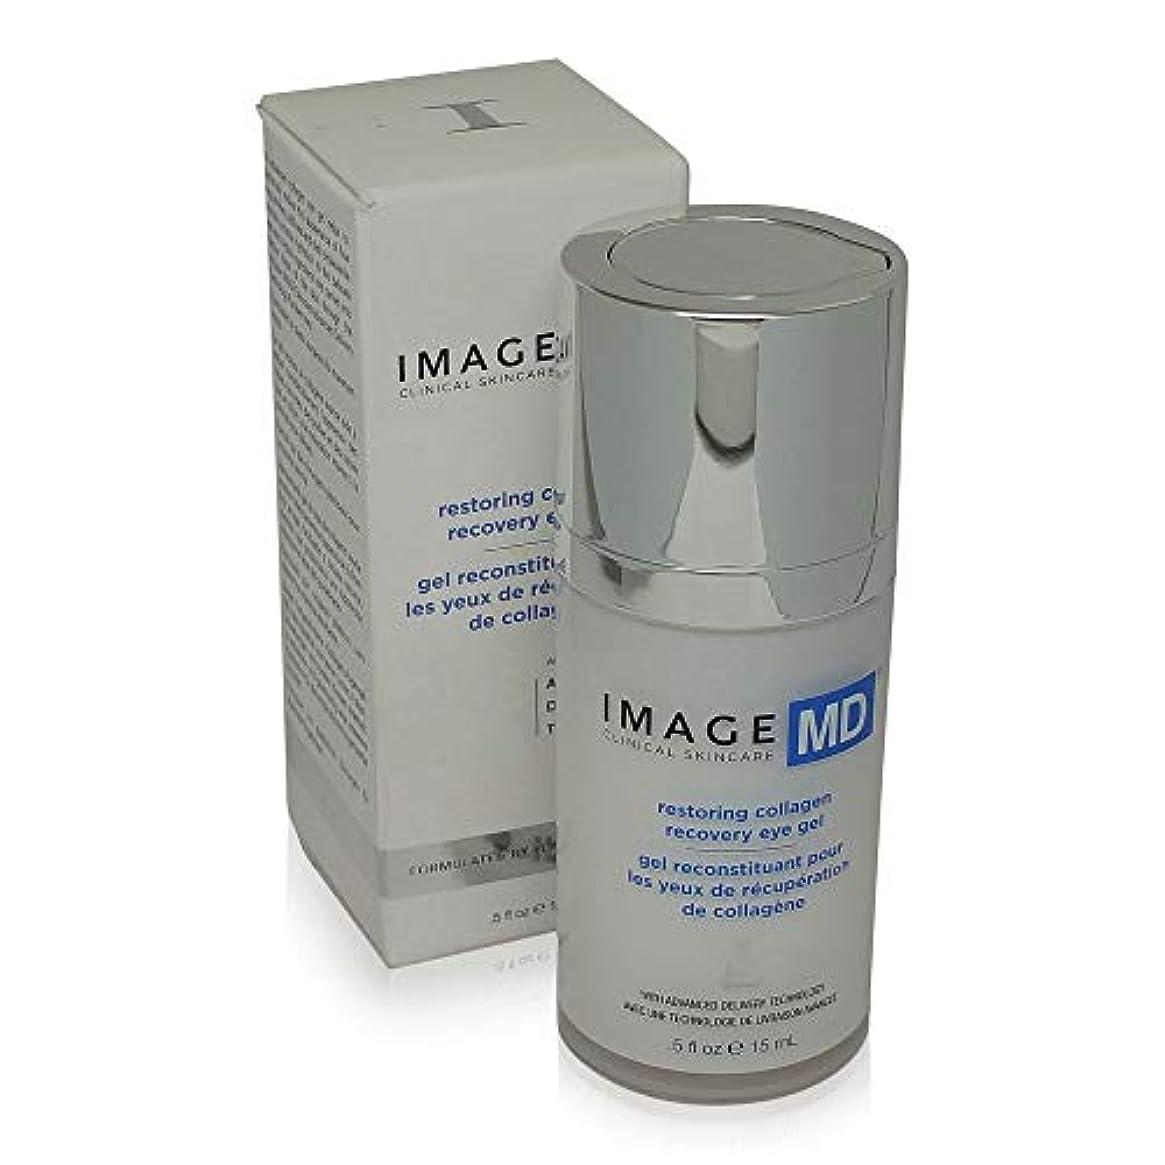 やりすぎ有効環境MD restoring collagen recovery Eye Gel with ADT Technology